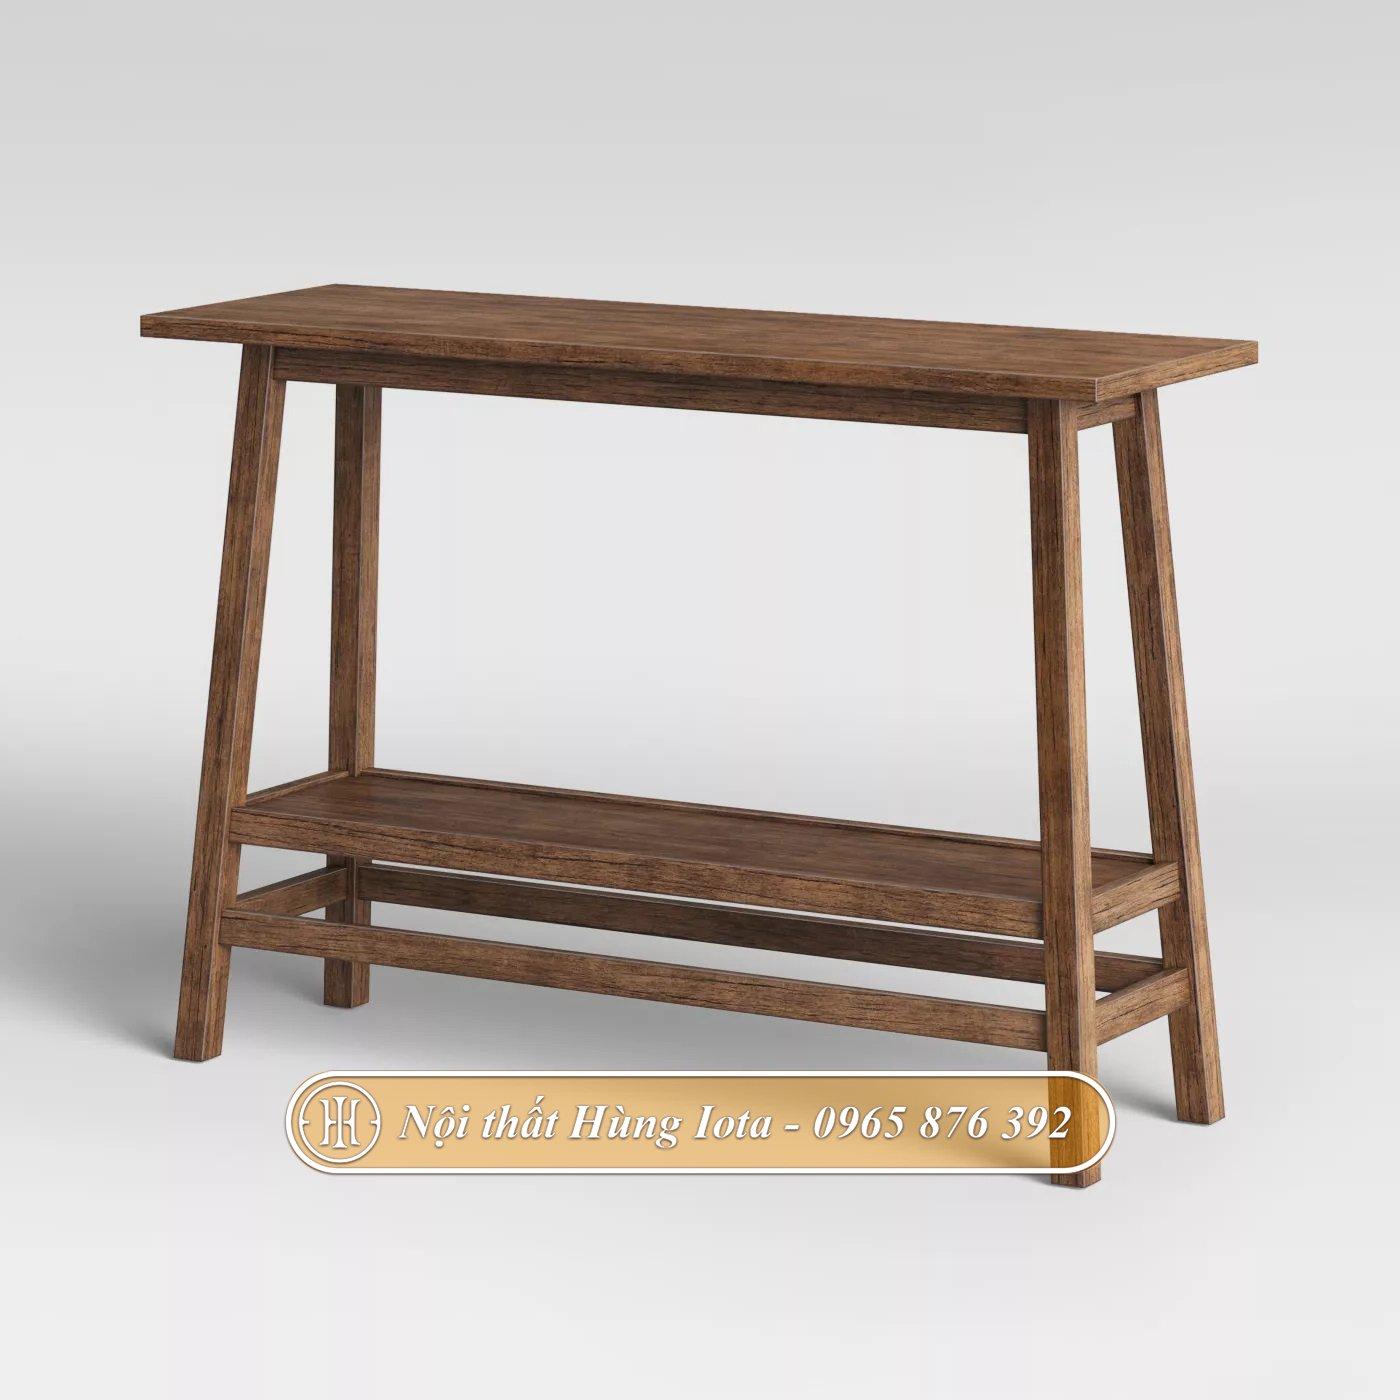 Kệ gỗ hình thang giá rẻ chất lượng